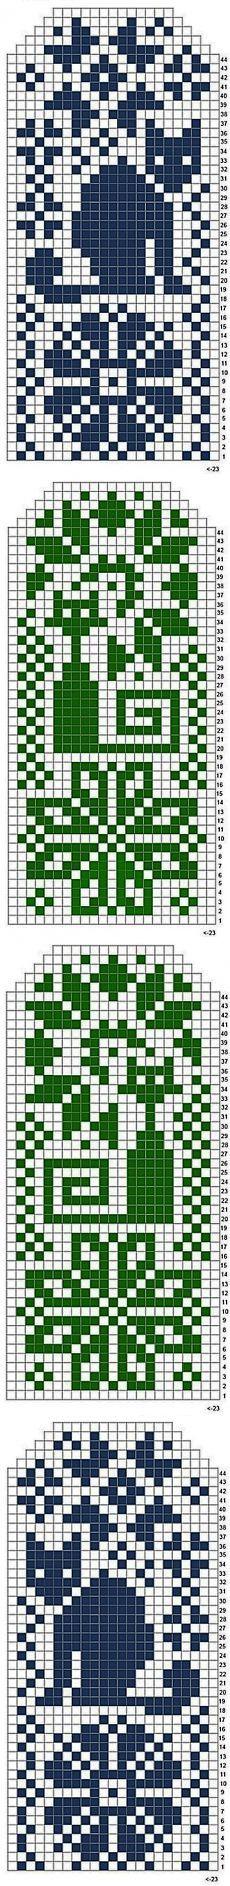 El patrón de circuito para tejer mitones